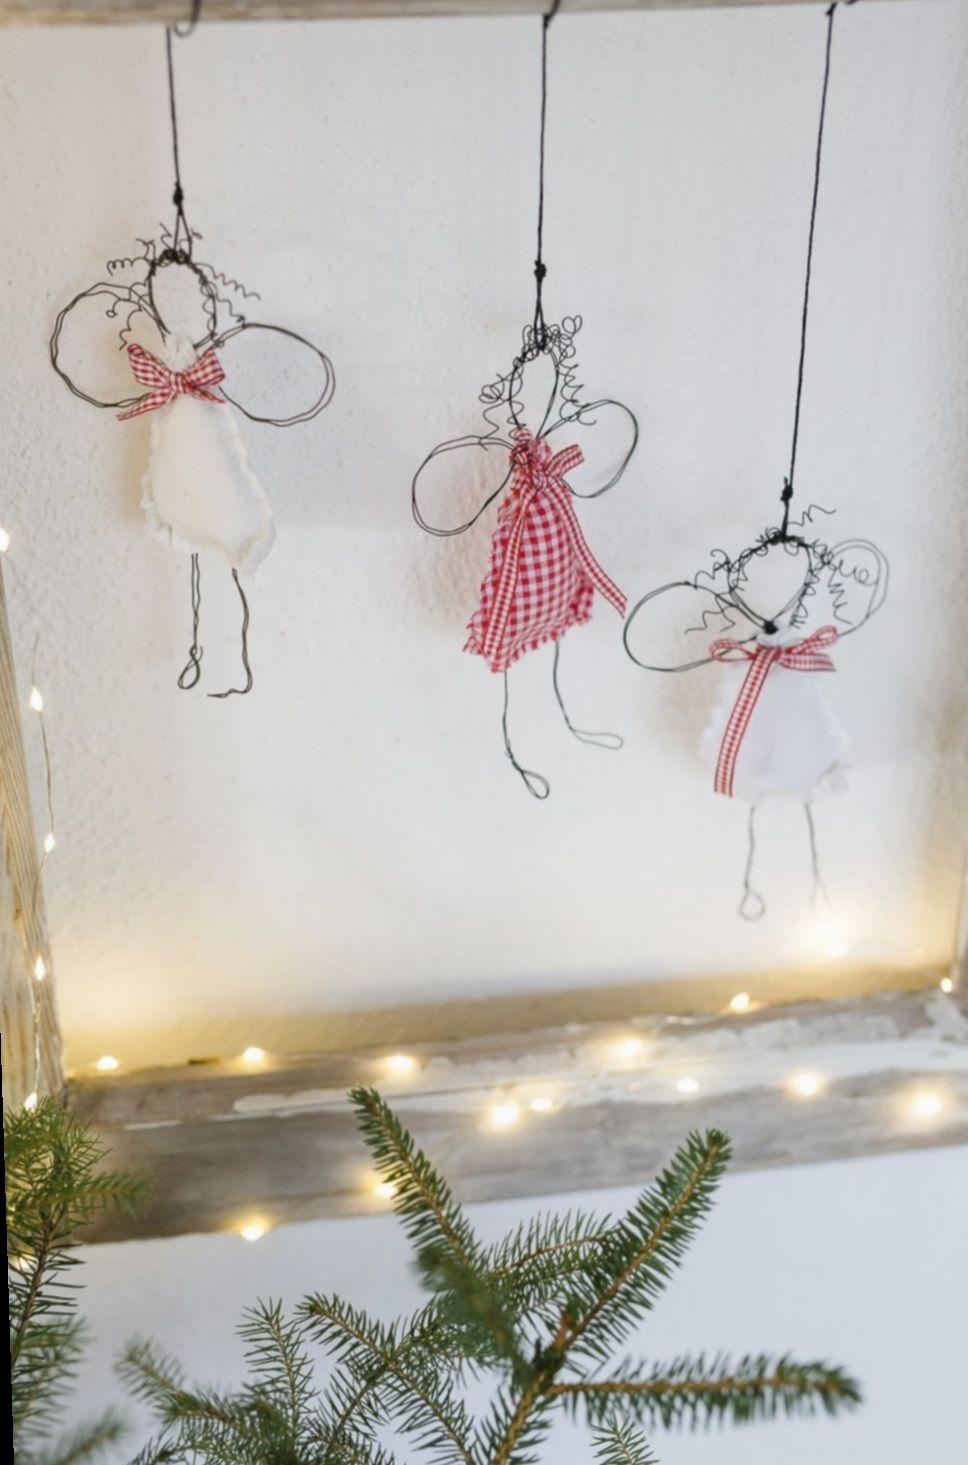 ✔ Diy Geschenke Weihnachten Eltern #livetiny #nature #cabintinyhousebuilder #geschenkideenweihnachteneltern